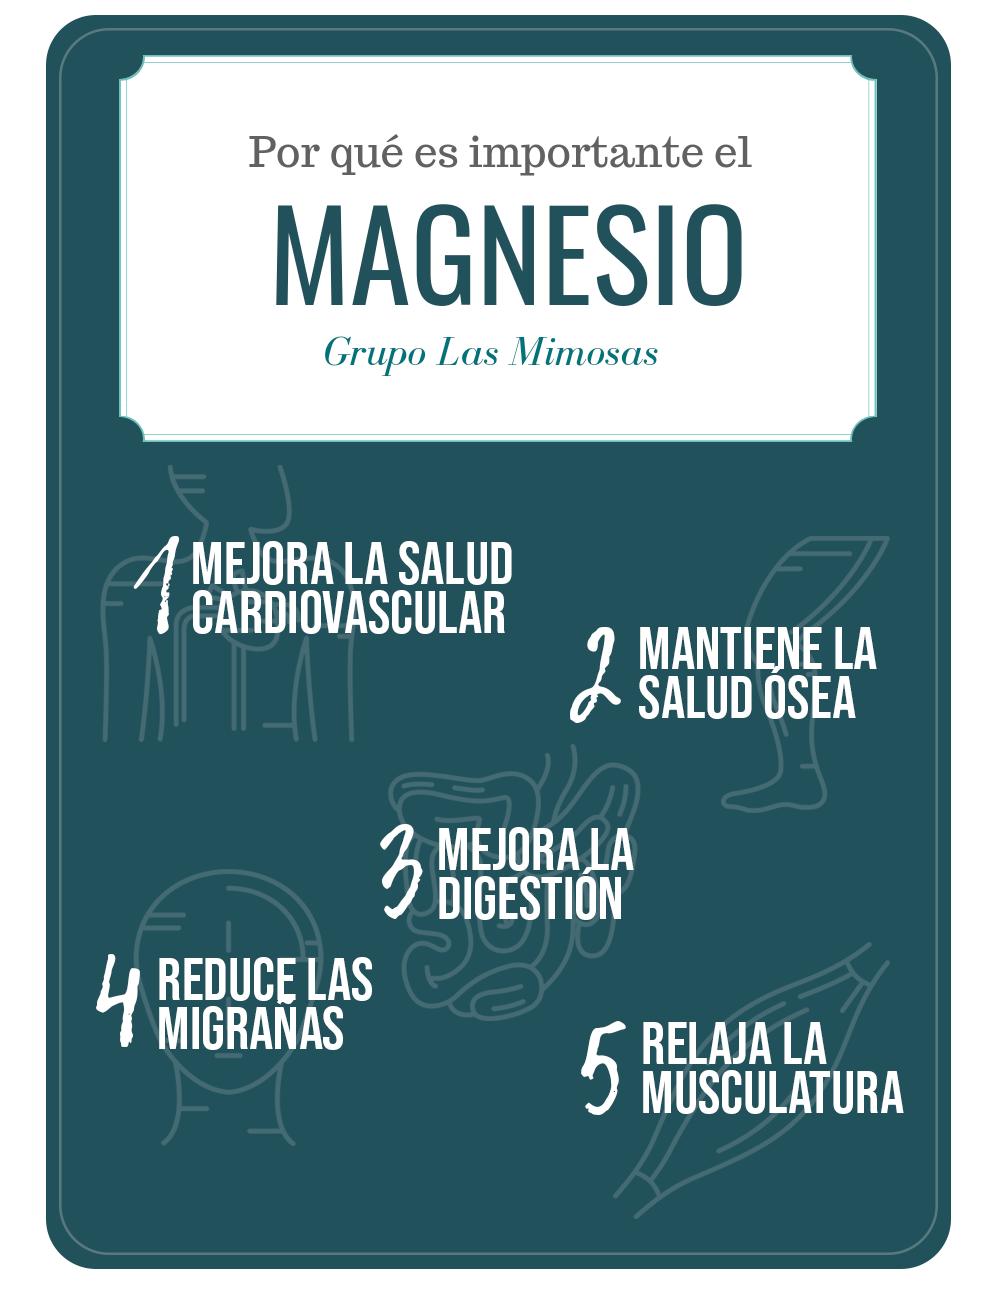 Por qué es importante el magnesio